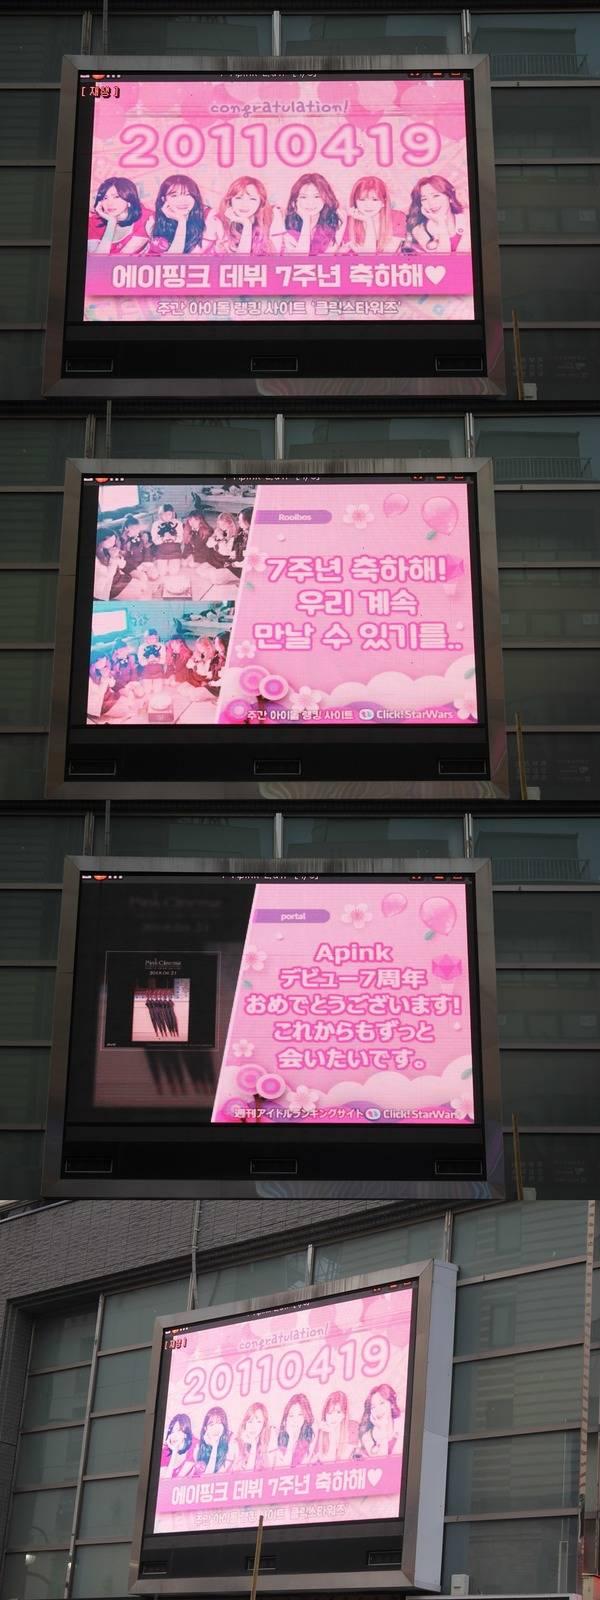 東京・新大久保電光掲示板で祝福動画を放映。|写真:Click! StarWars